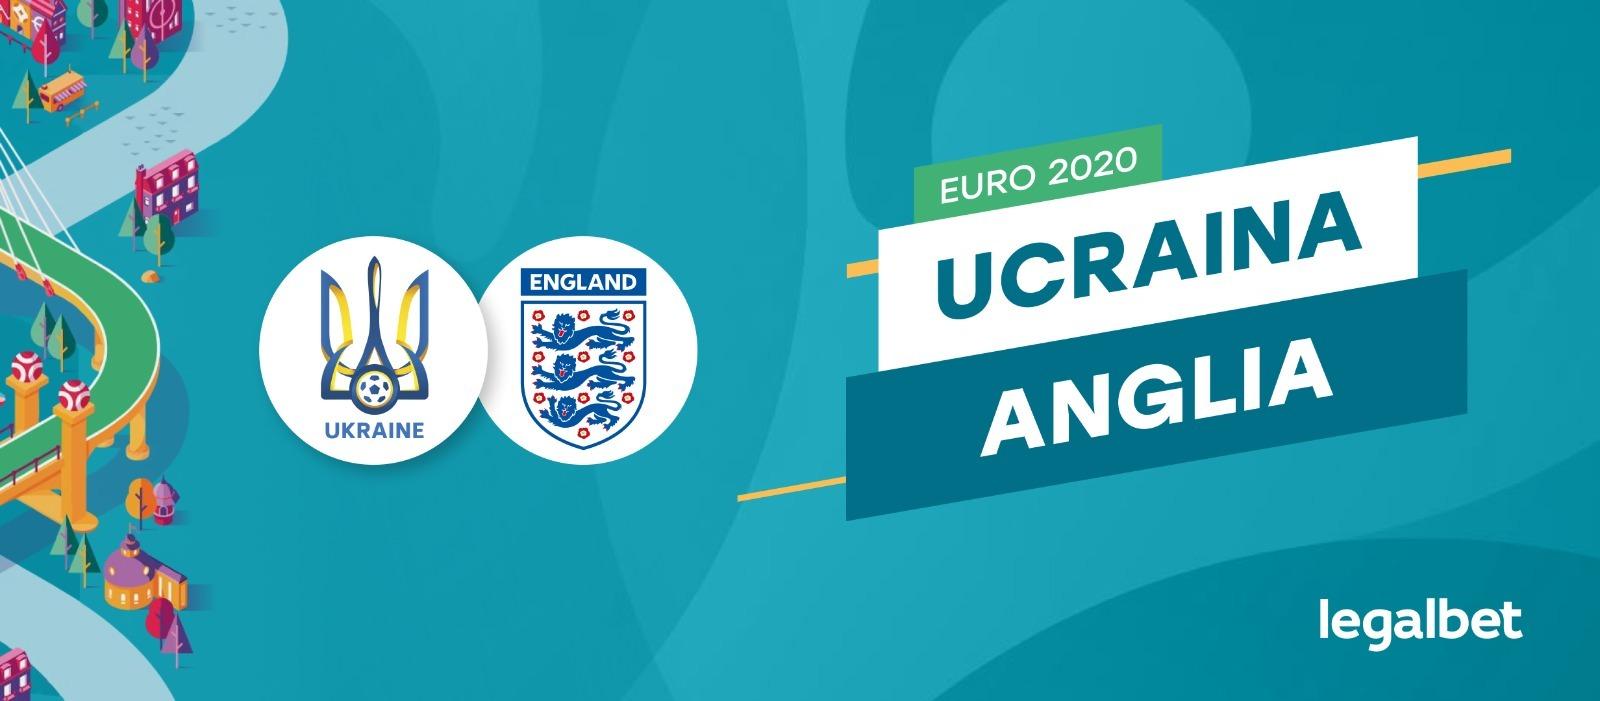 Ucraina - Anglia, în sferturile EURO 2020! Marea surpriză vs marea favorită